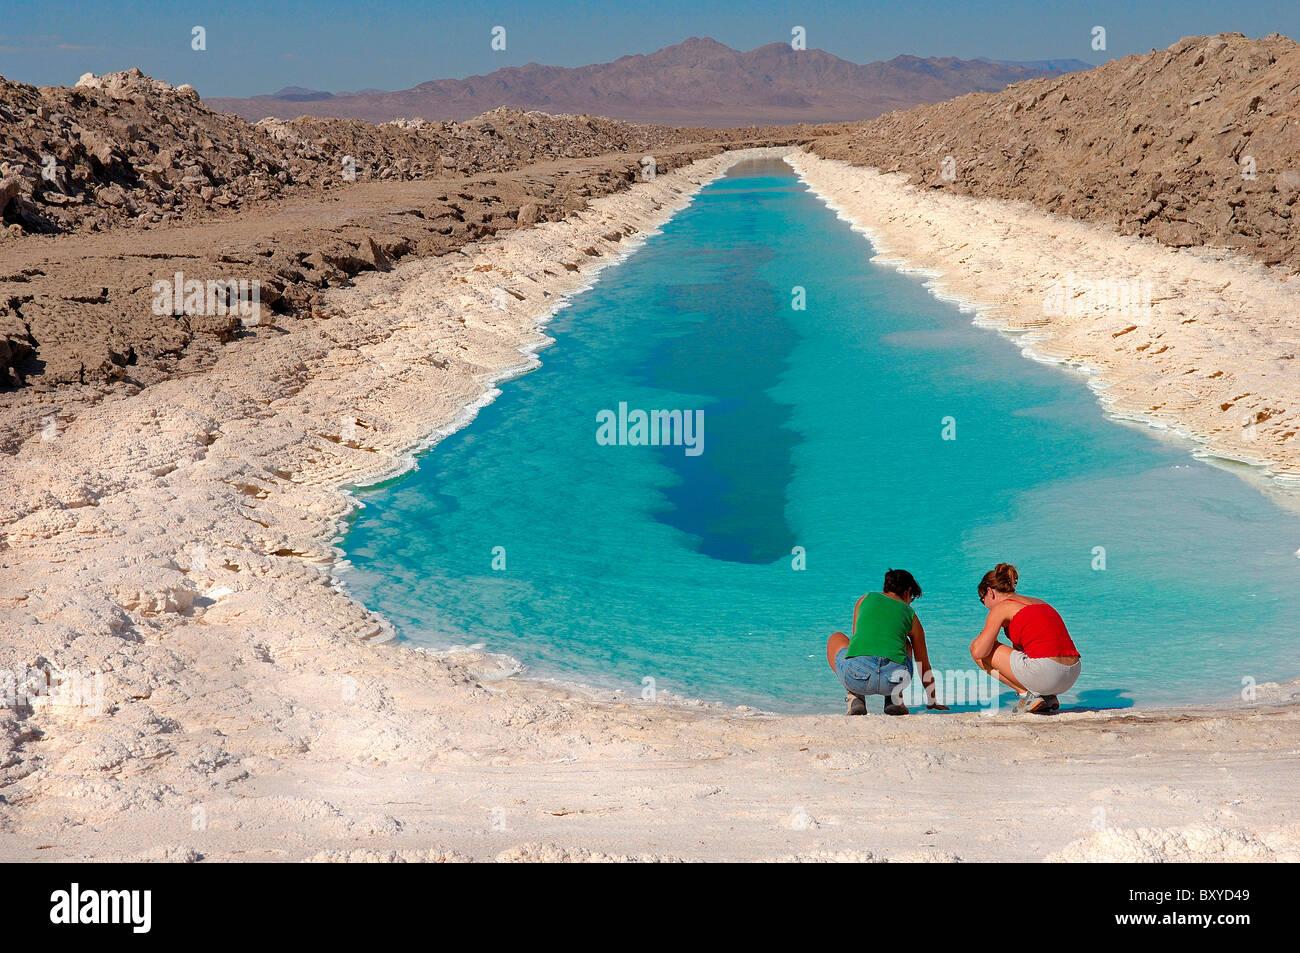 Chlorid-Felder außerhalb von Amboy, Mojave-Wüste, Kalifornien, USA Stockfoto